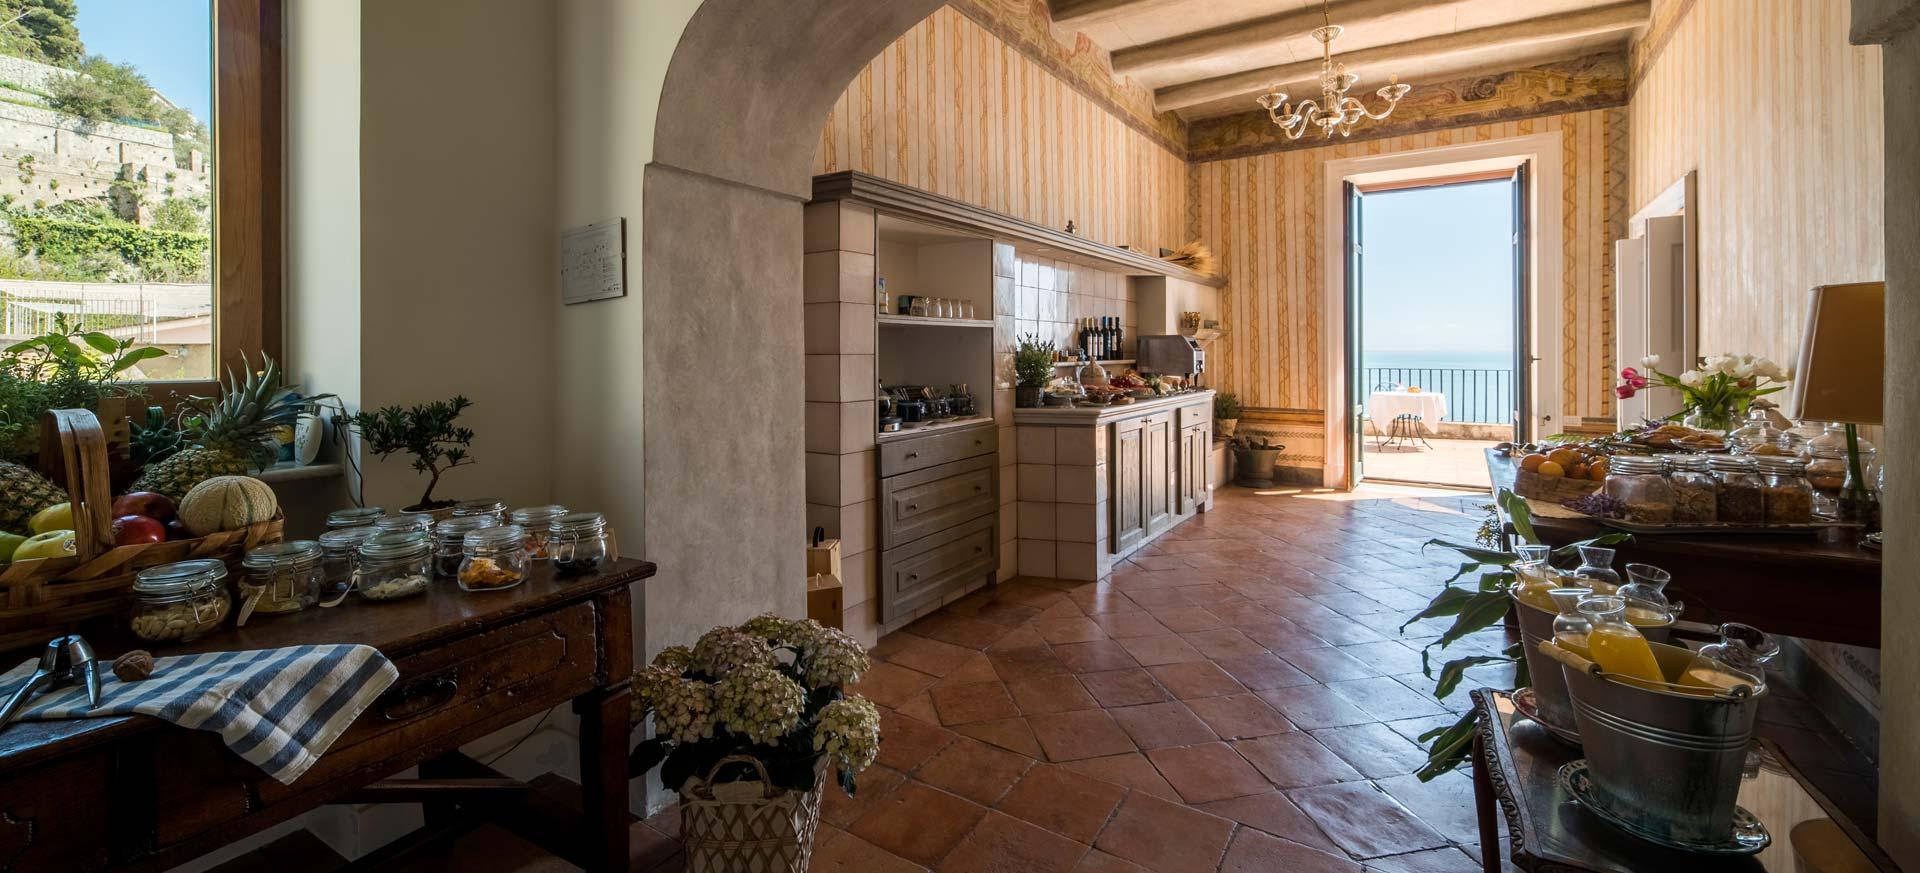 h tel de charme c te amalfitaine vietri sul mare hote italia. Black Bedroom Furniture Sets. Home Design Ideas